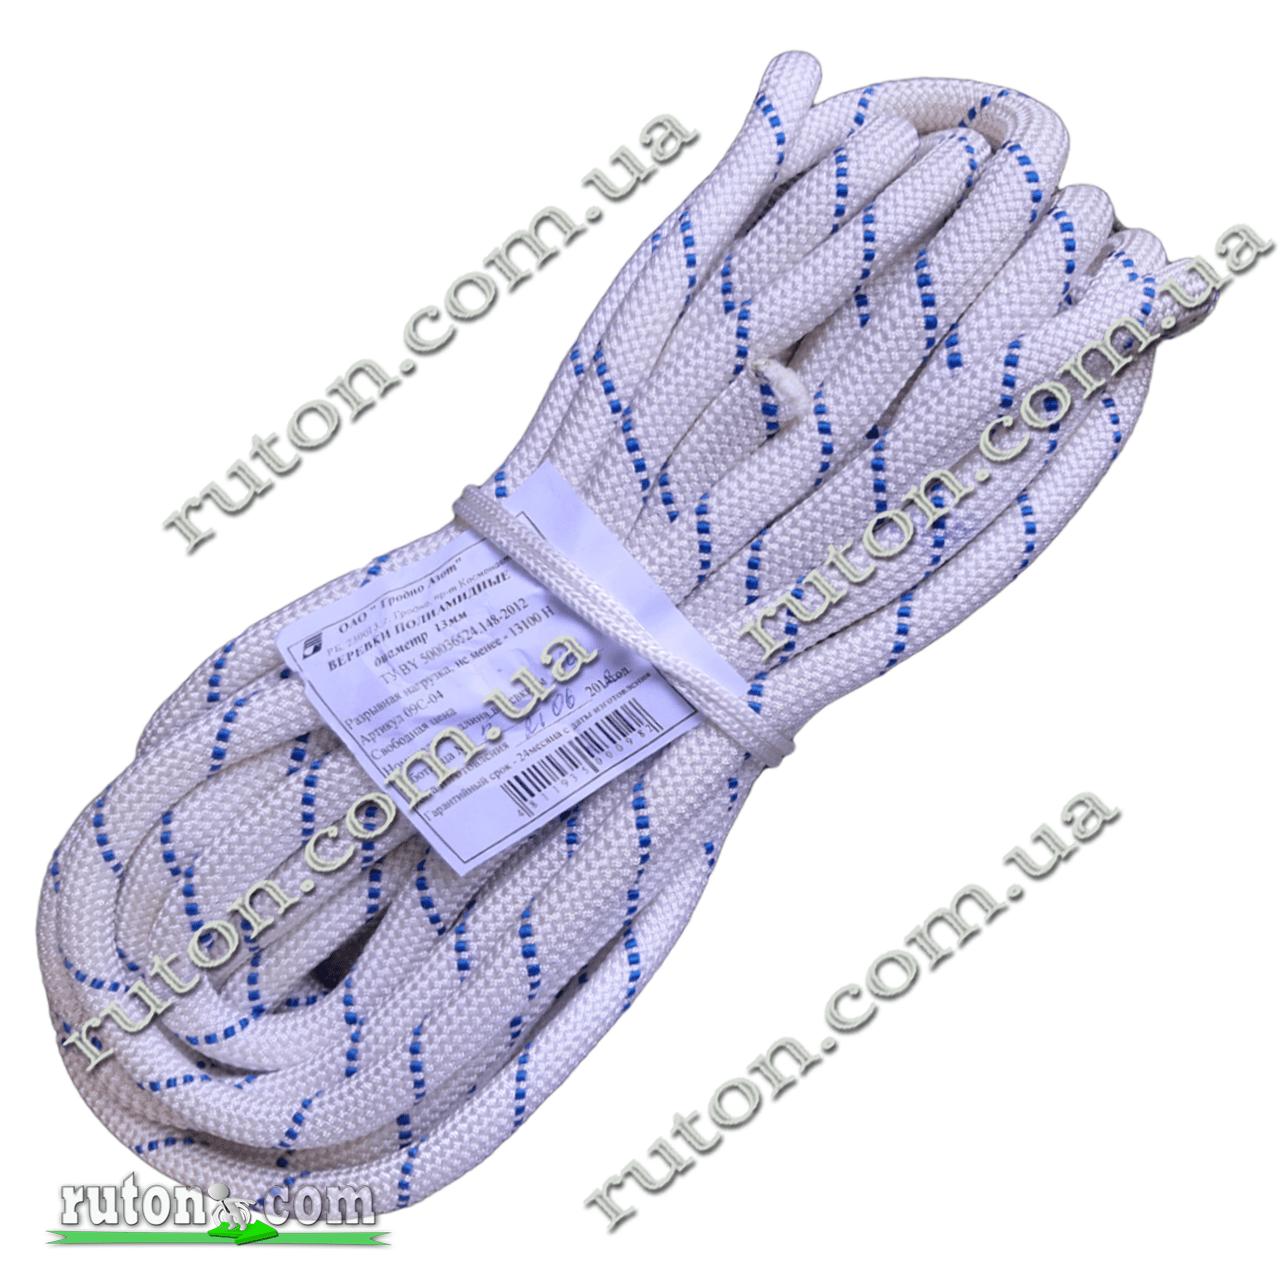 Веревка полиамидная, фал капроновый 6 мм - 25 м Беларусь г. Гродно